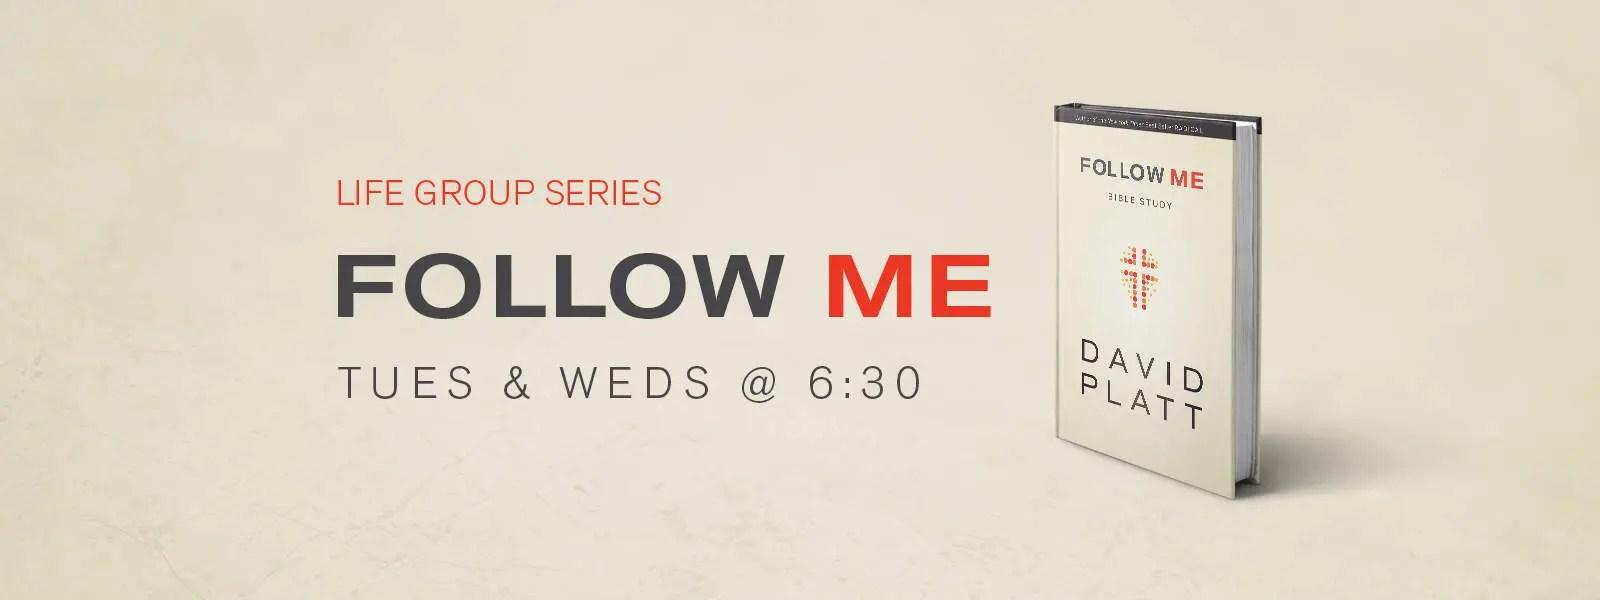 Life Group Series - Follow Me